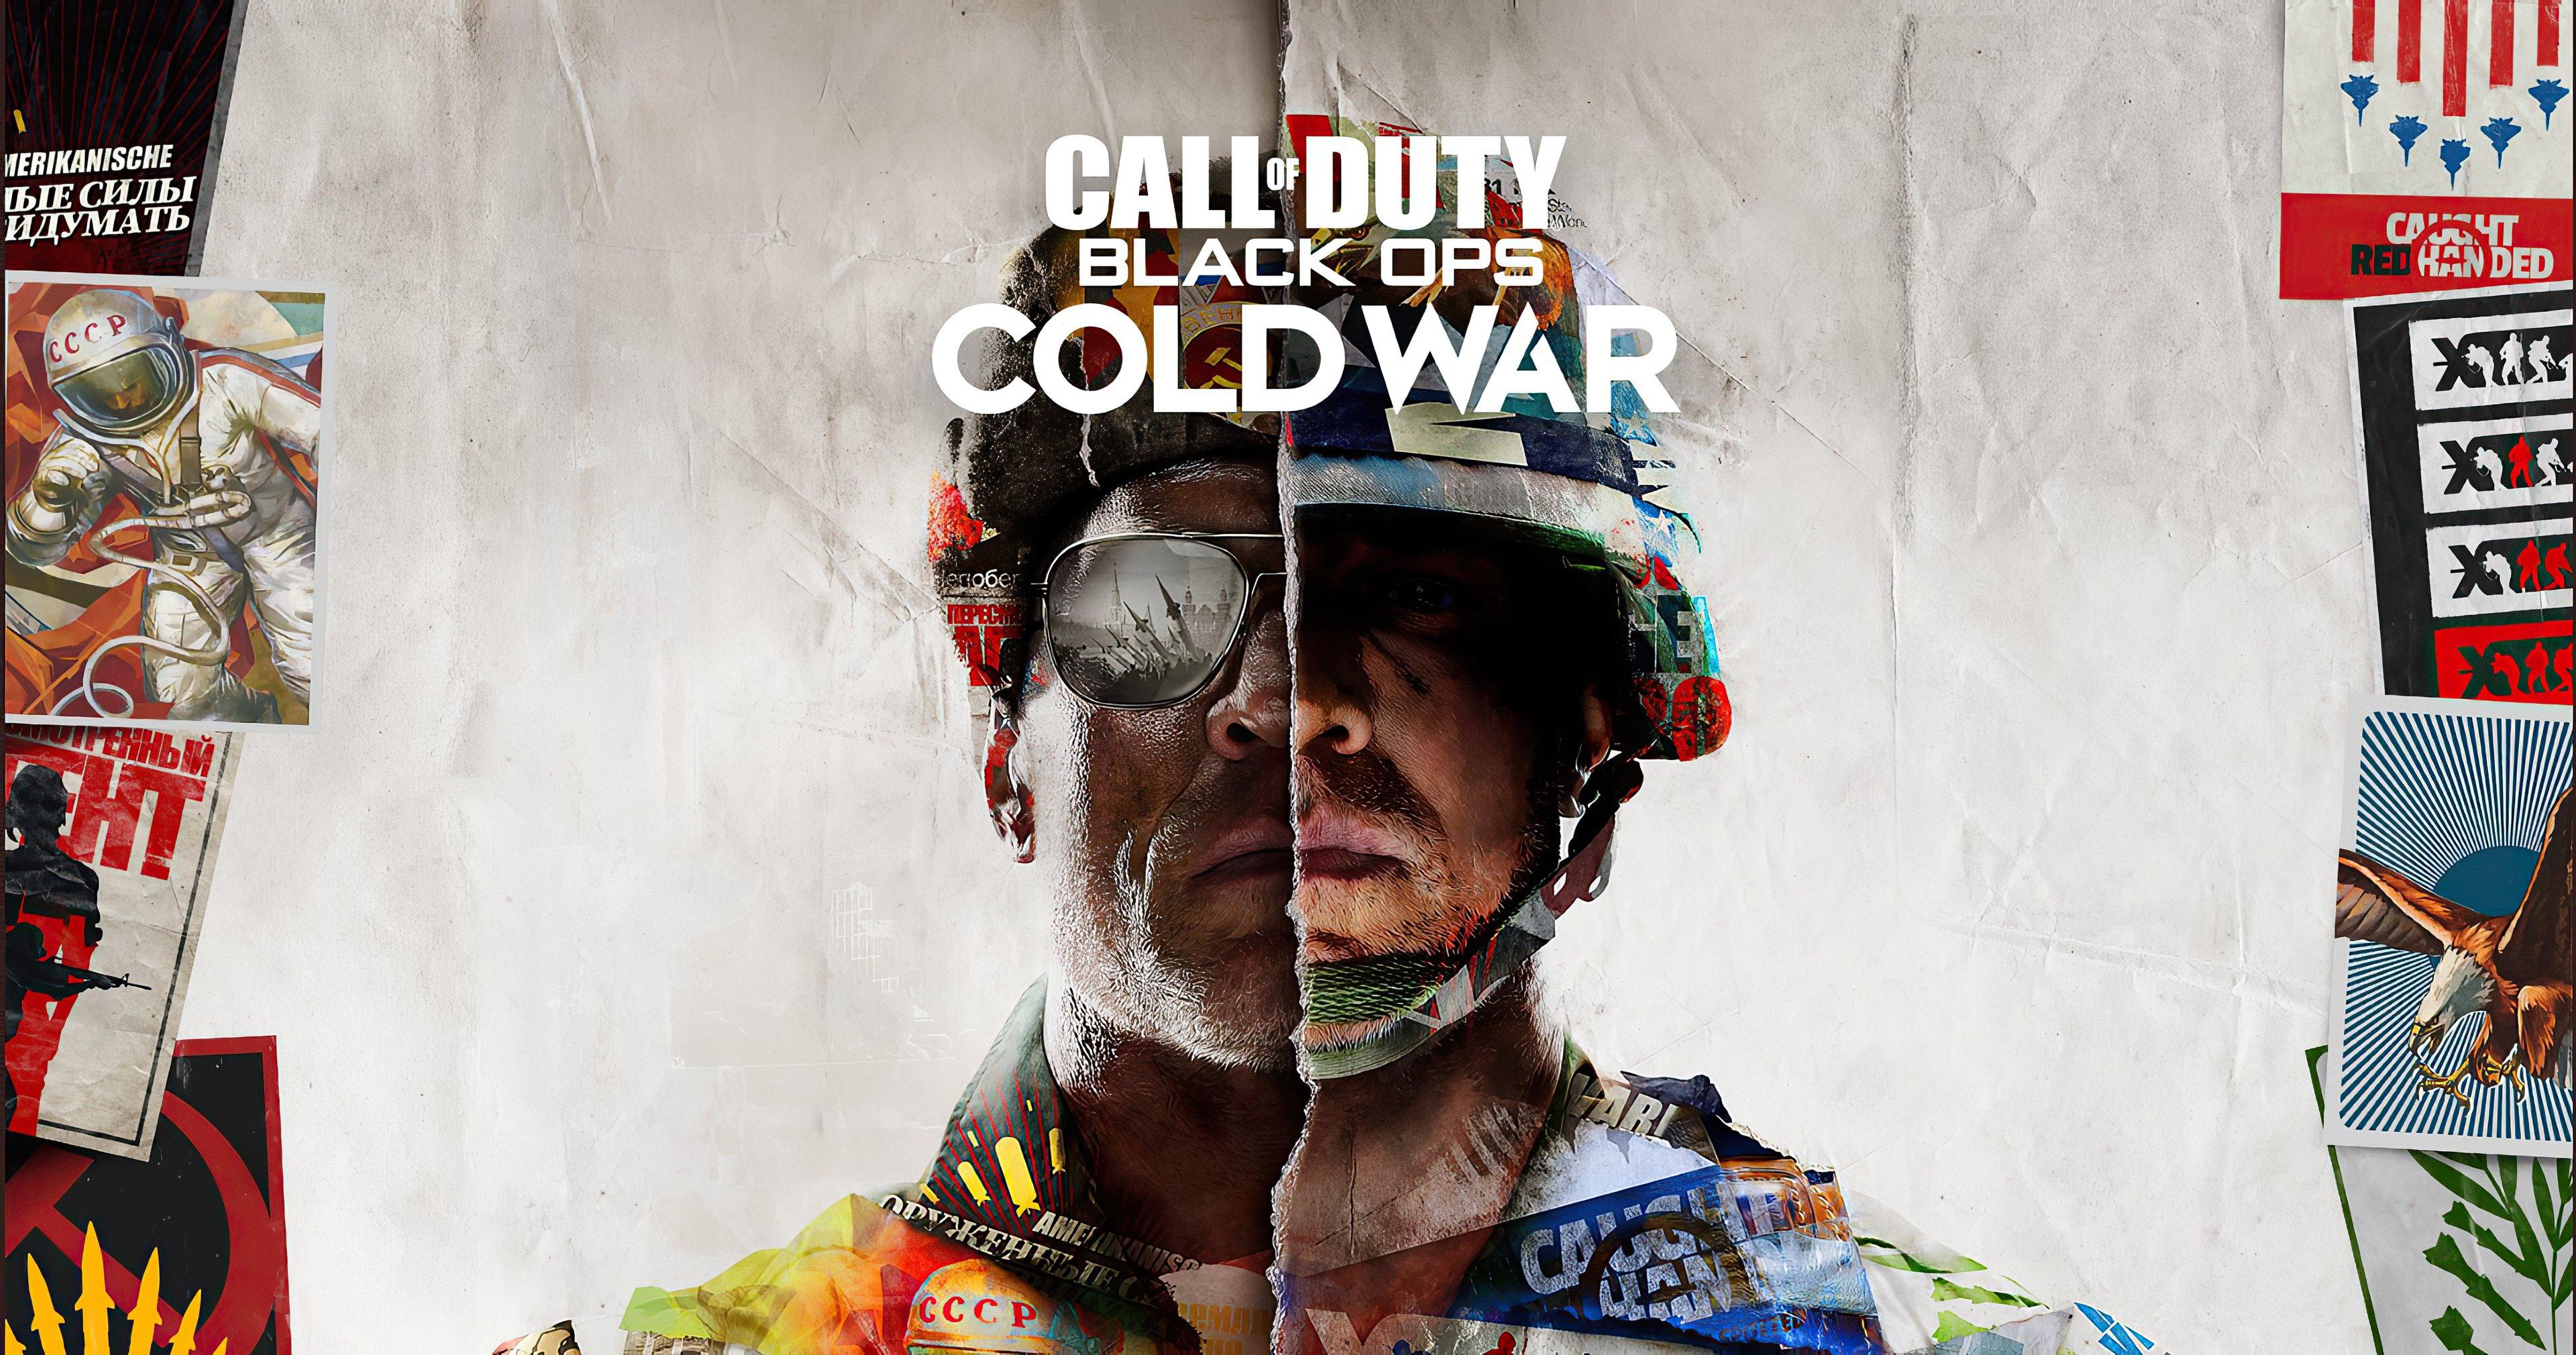 Fondos de pantalla Call of Duty Blacks Ops Cold War Poster